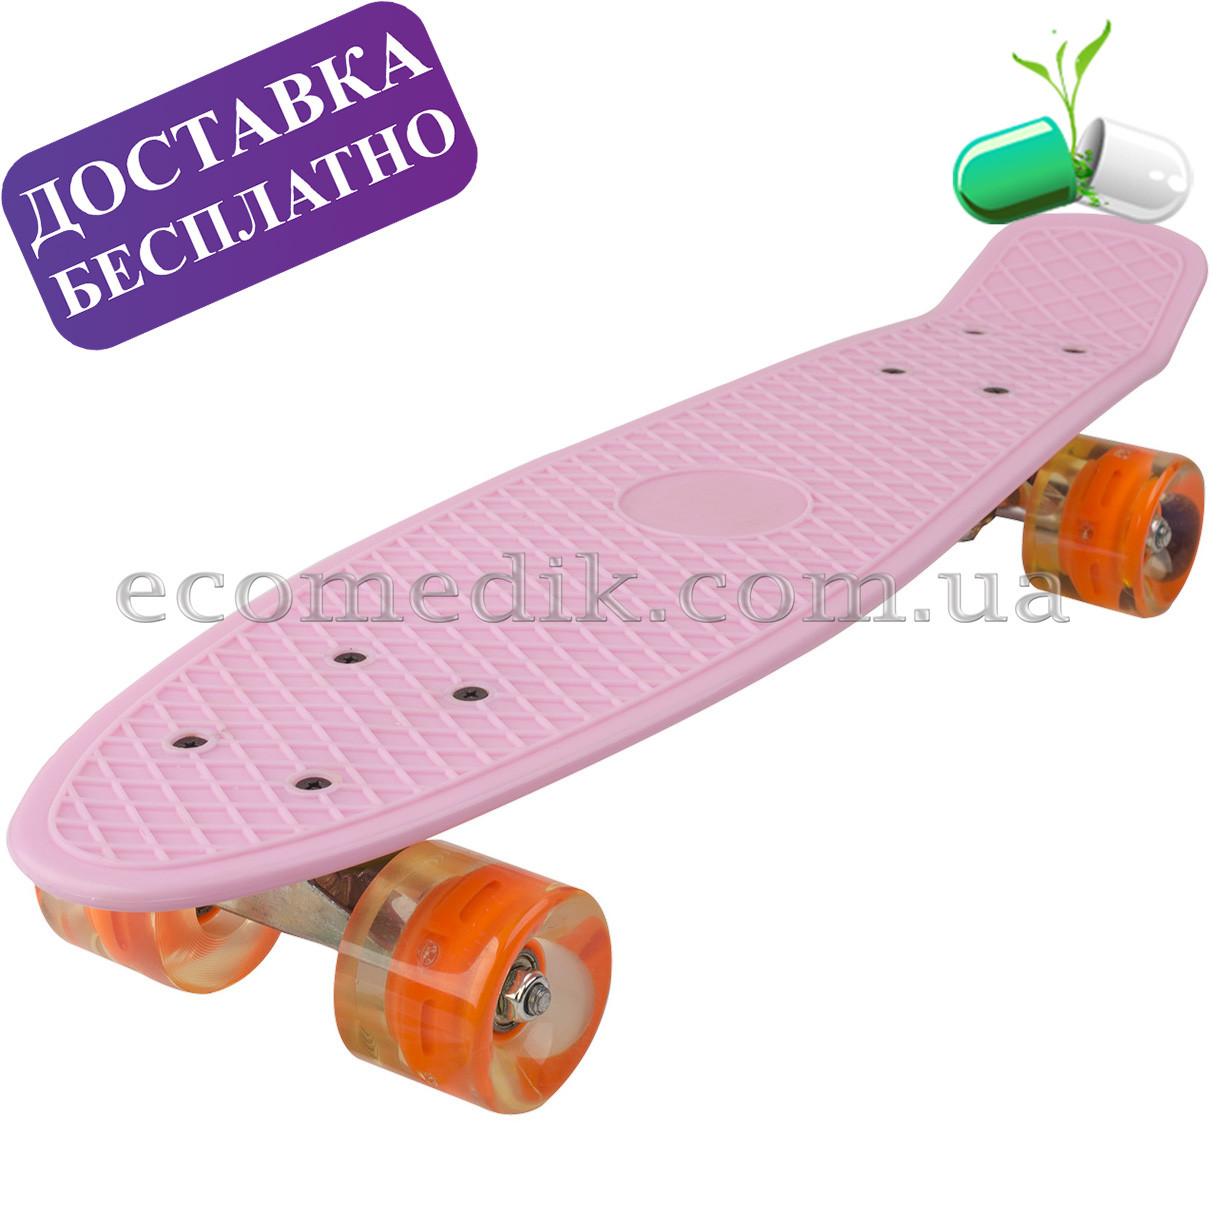 Нежно-розовый пенни борд со светящимися колесами penny скейтборд для девушек